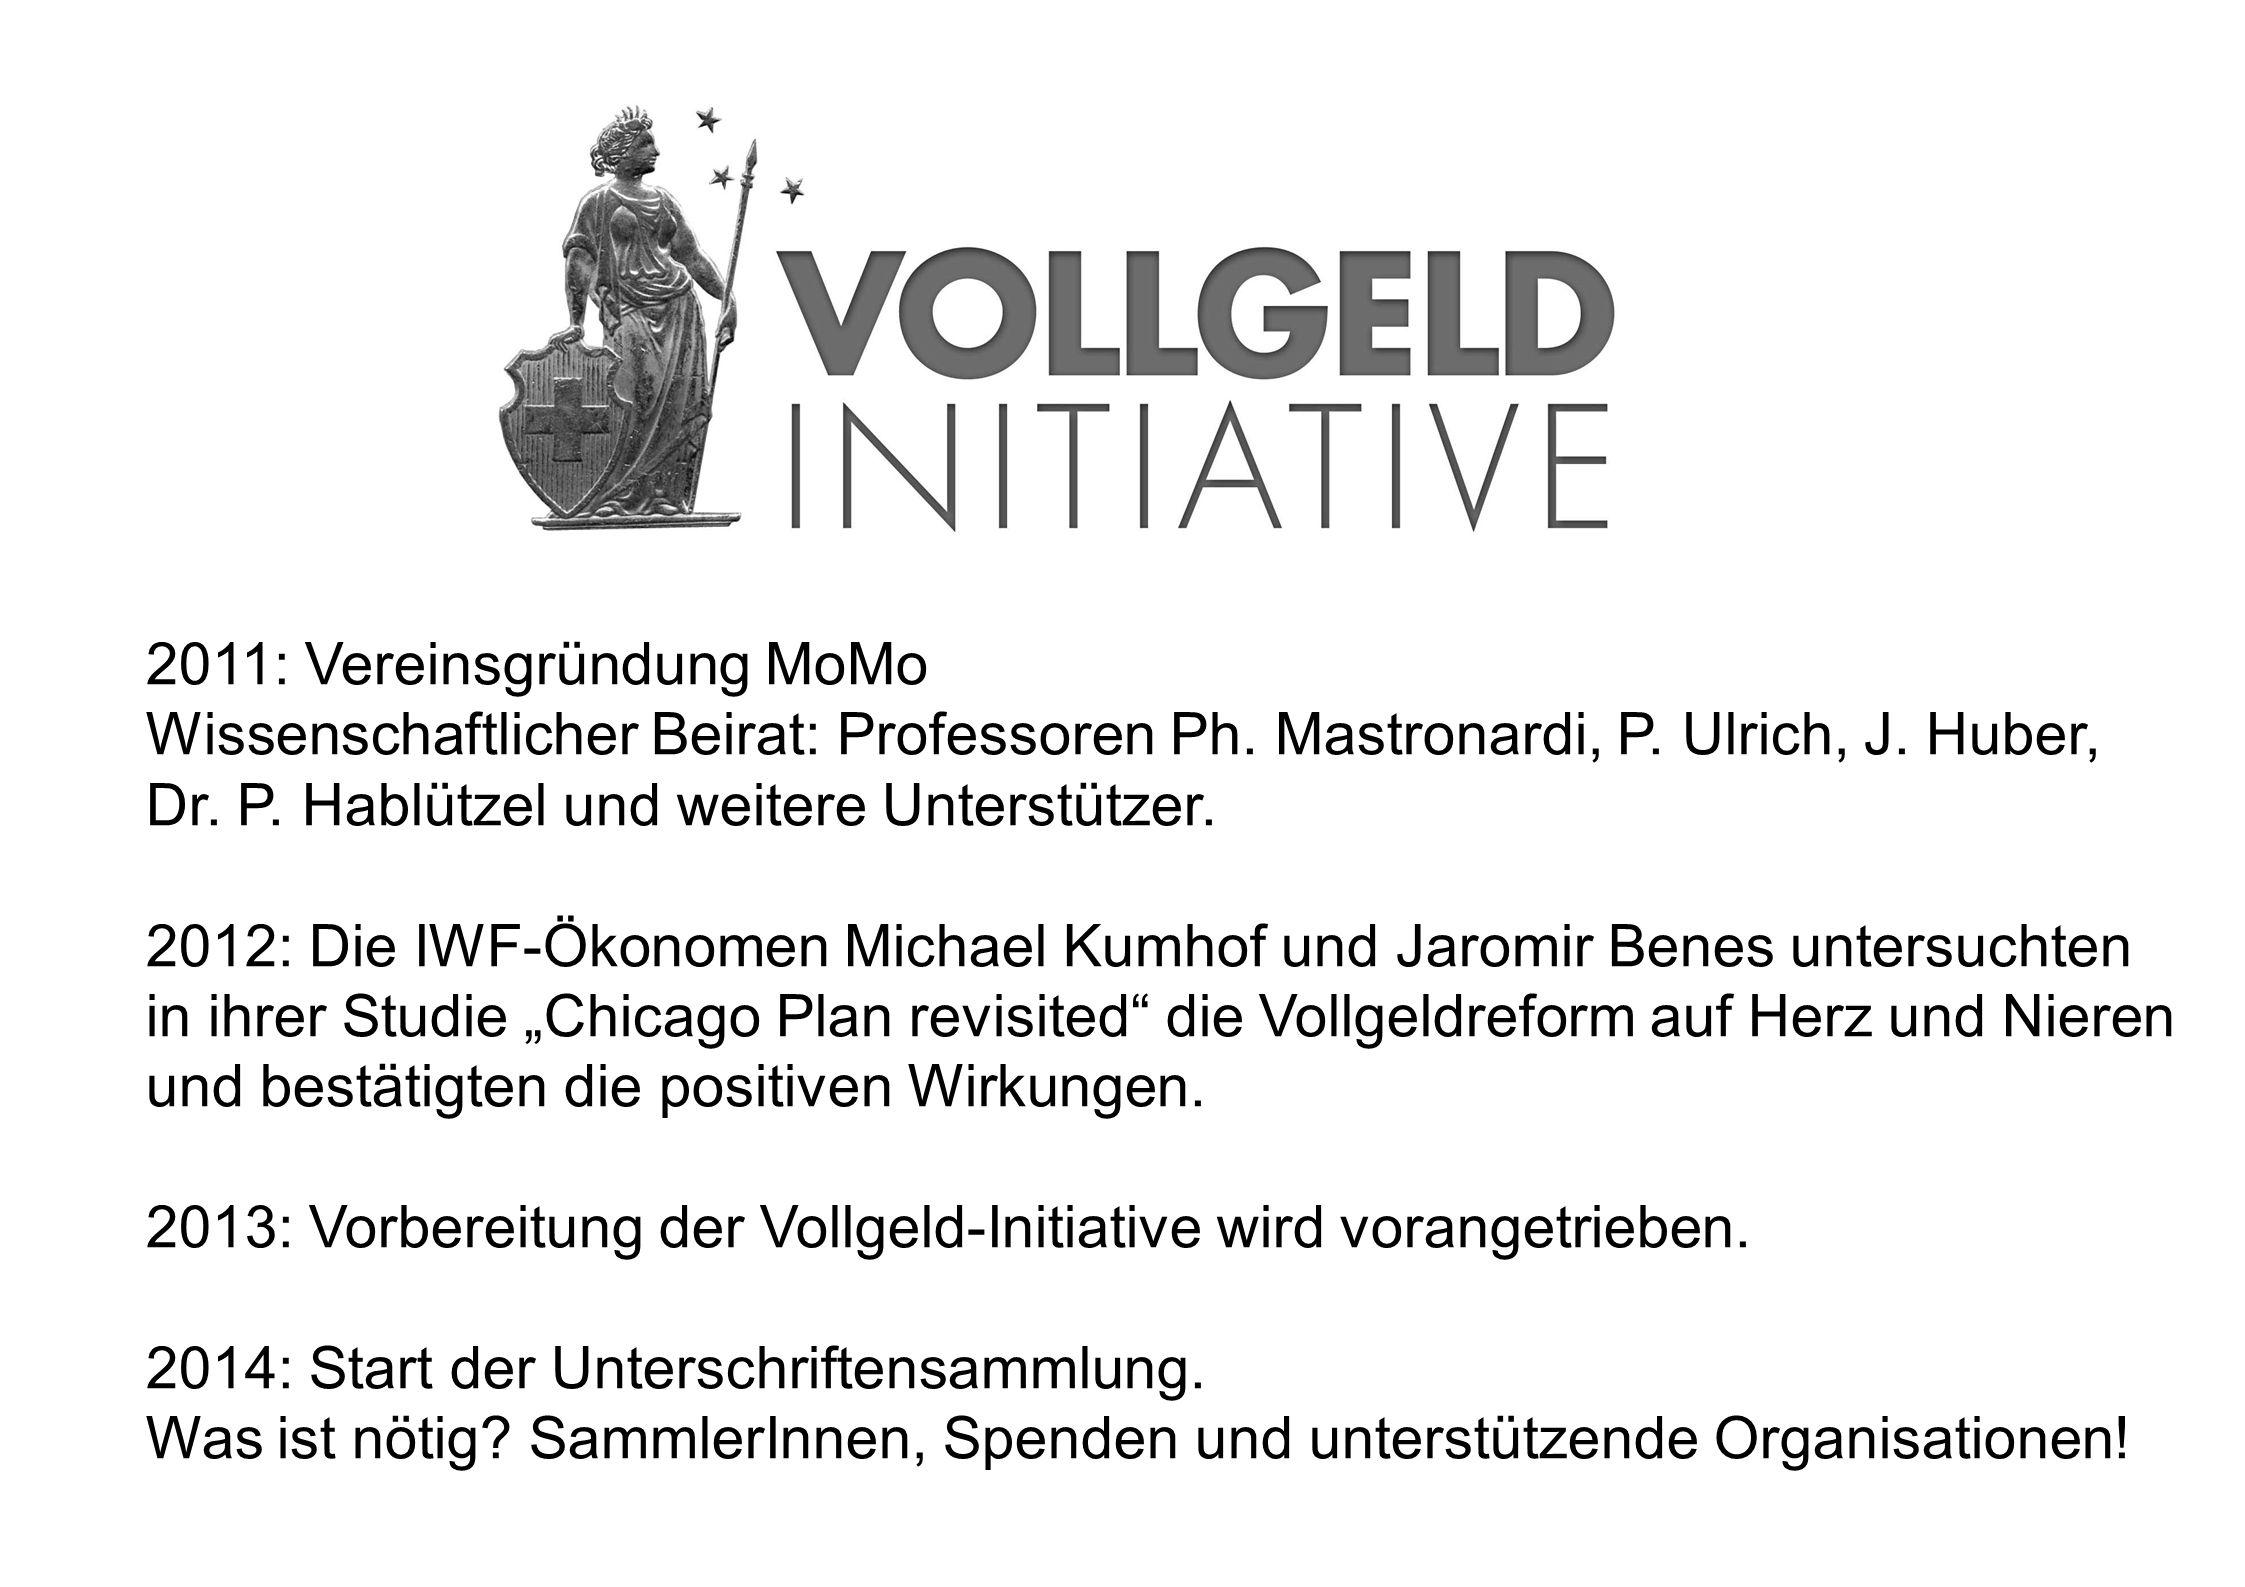 2011: Vereinsgründung MoMo Wissenschaftlicher Beirat: Professoren Ph. Mastronardi, P. Ulrich, J. Huber, Dr. P. Hablützel und weitere Unterstützer. 201